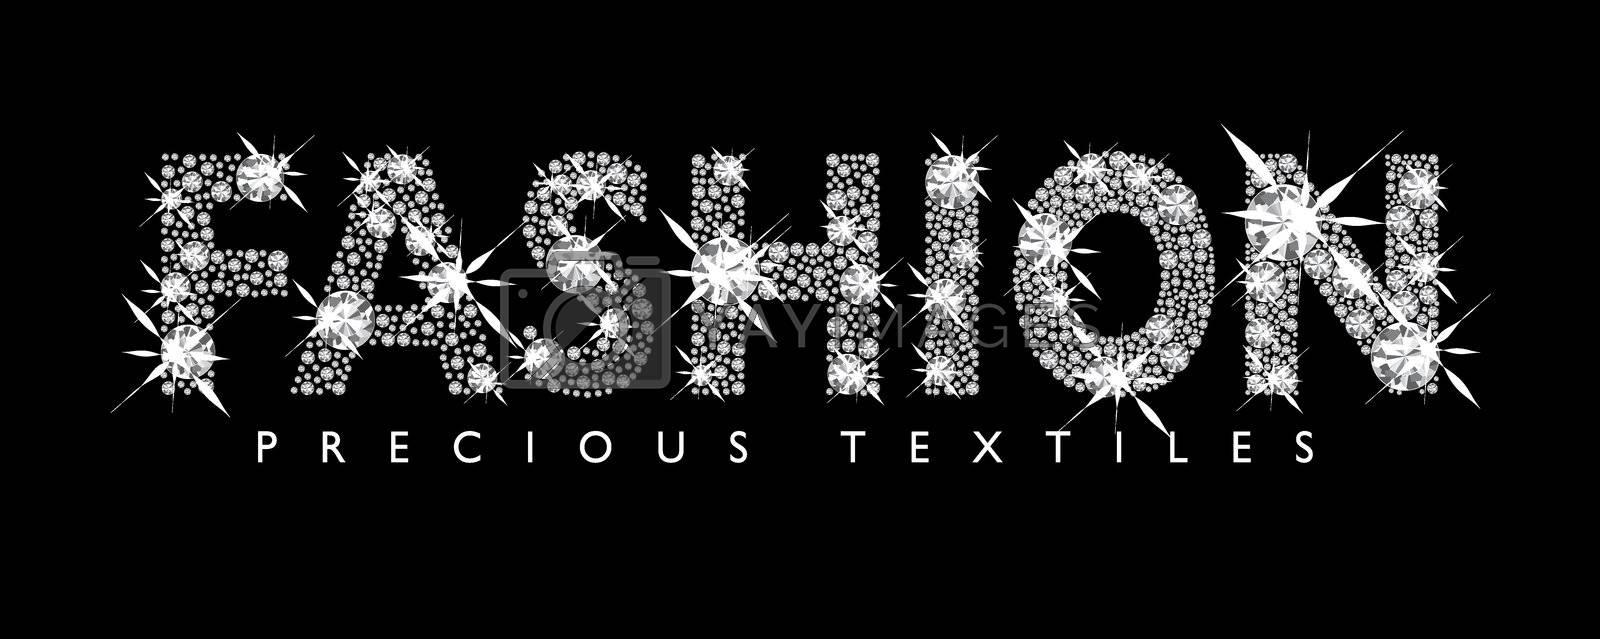 White diamond fashion text with black background